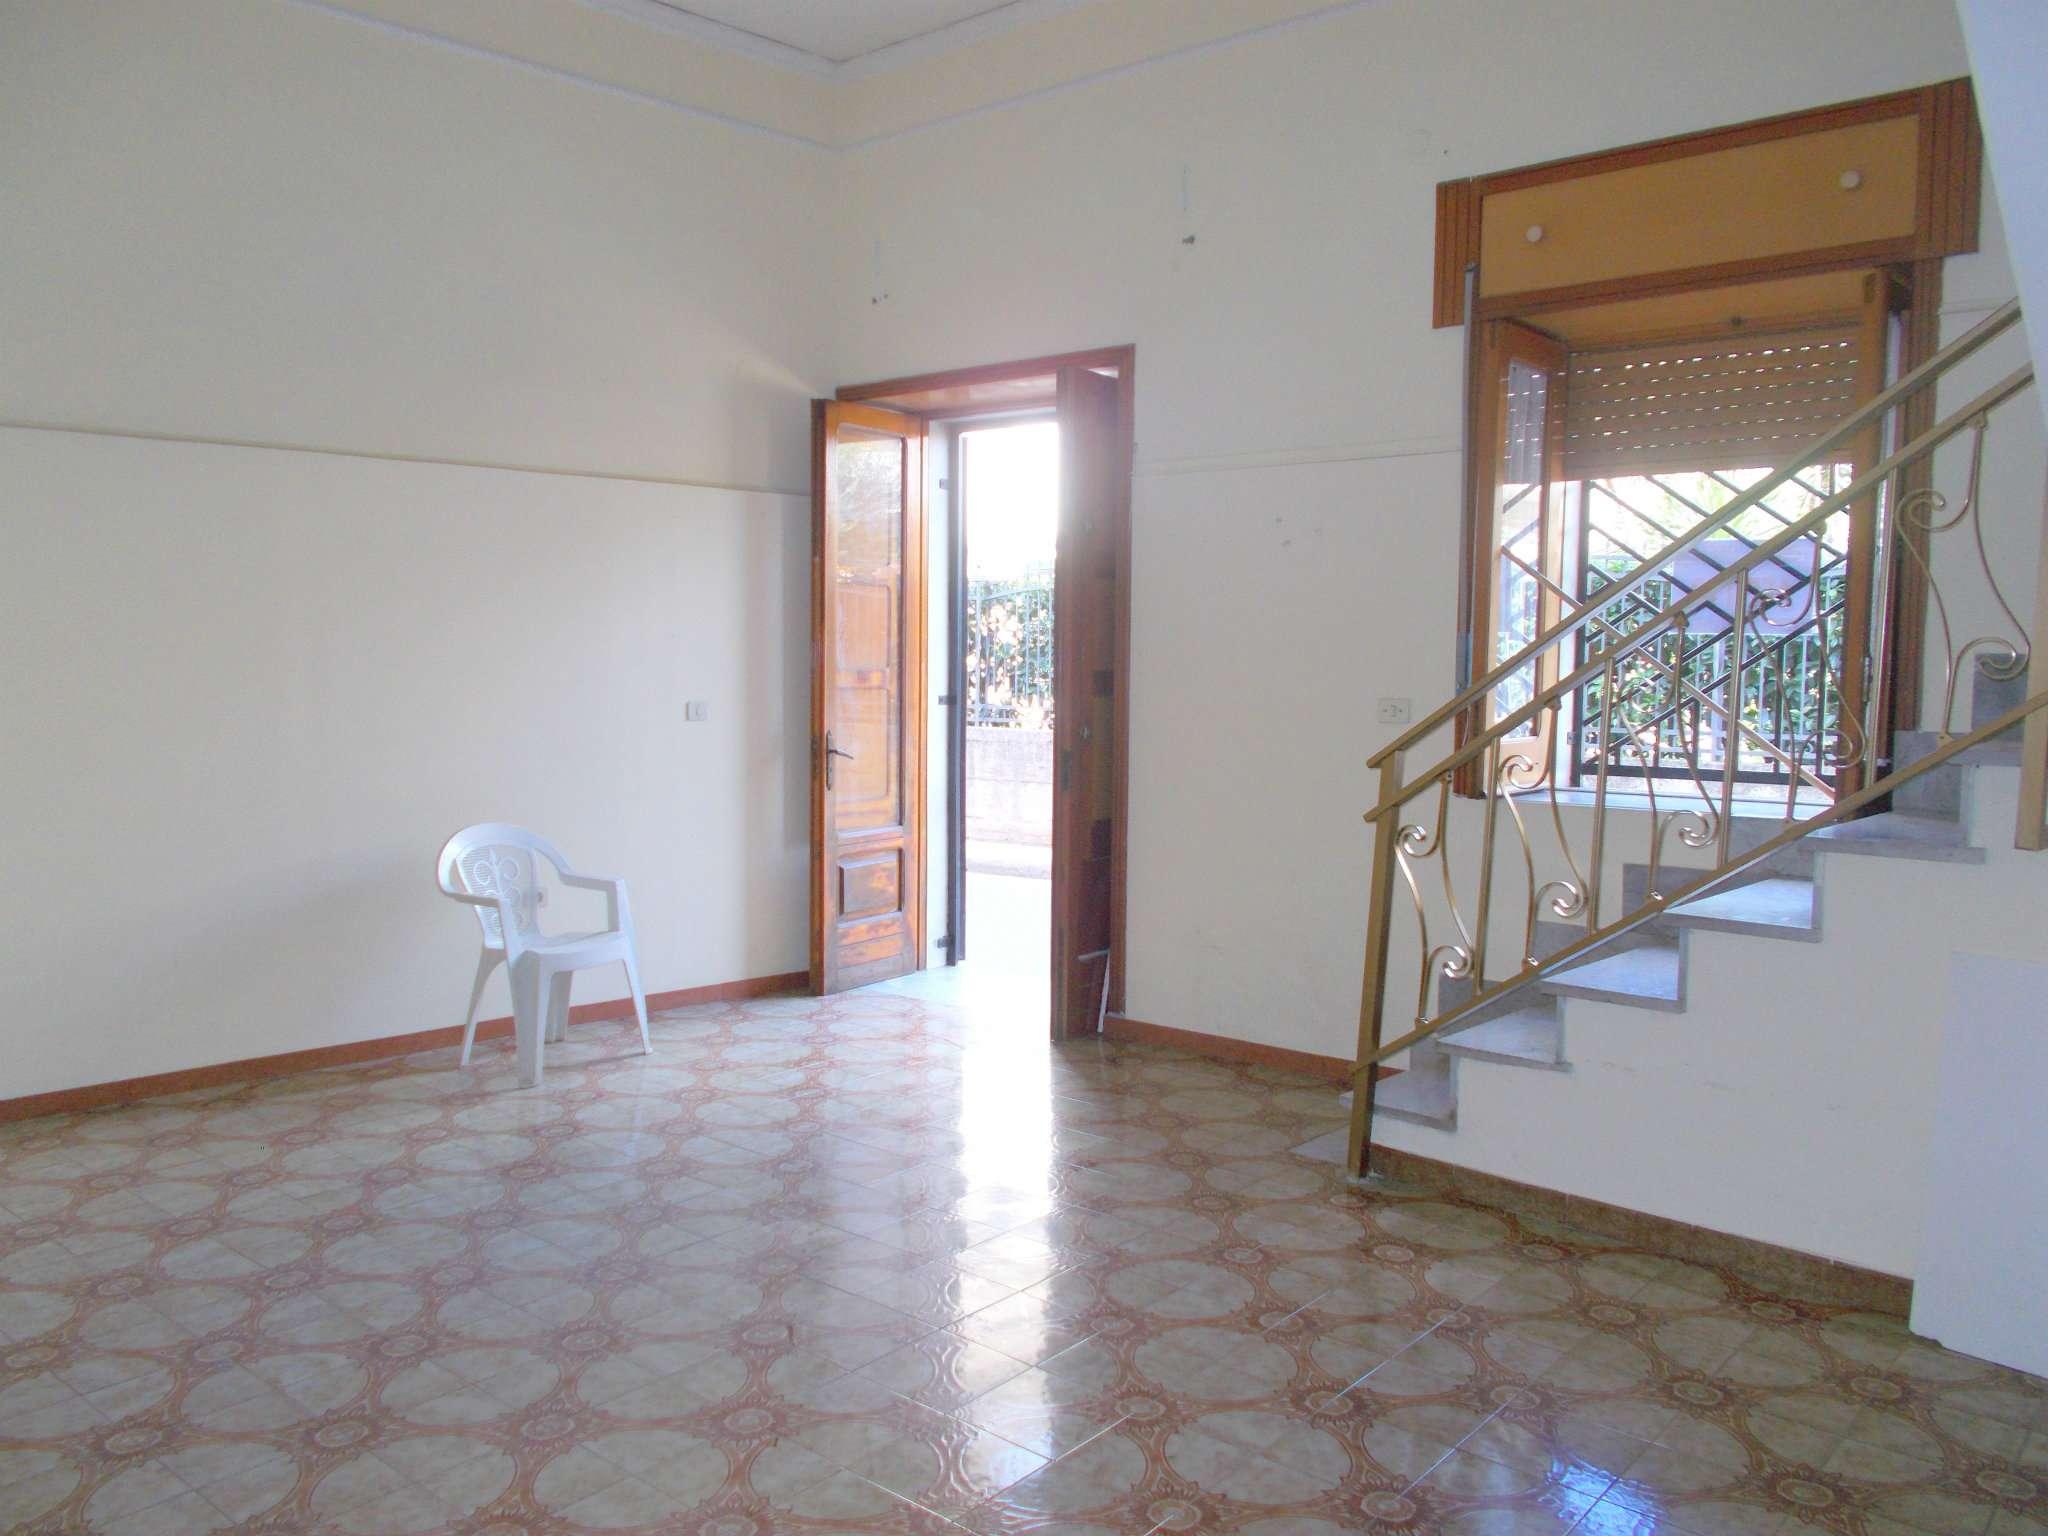 Soluzione Semindipendente in affitto a Santa Maria a Vico, 3 locali, prezzo € 200 | CambioCasa.it